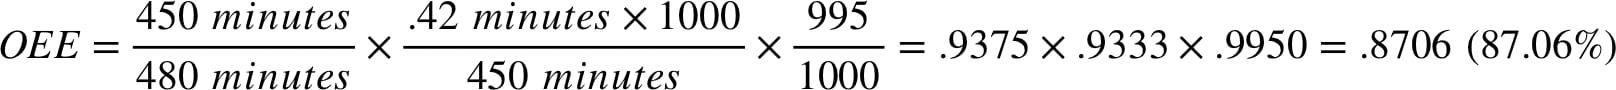 OEE Example 1 Long